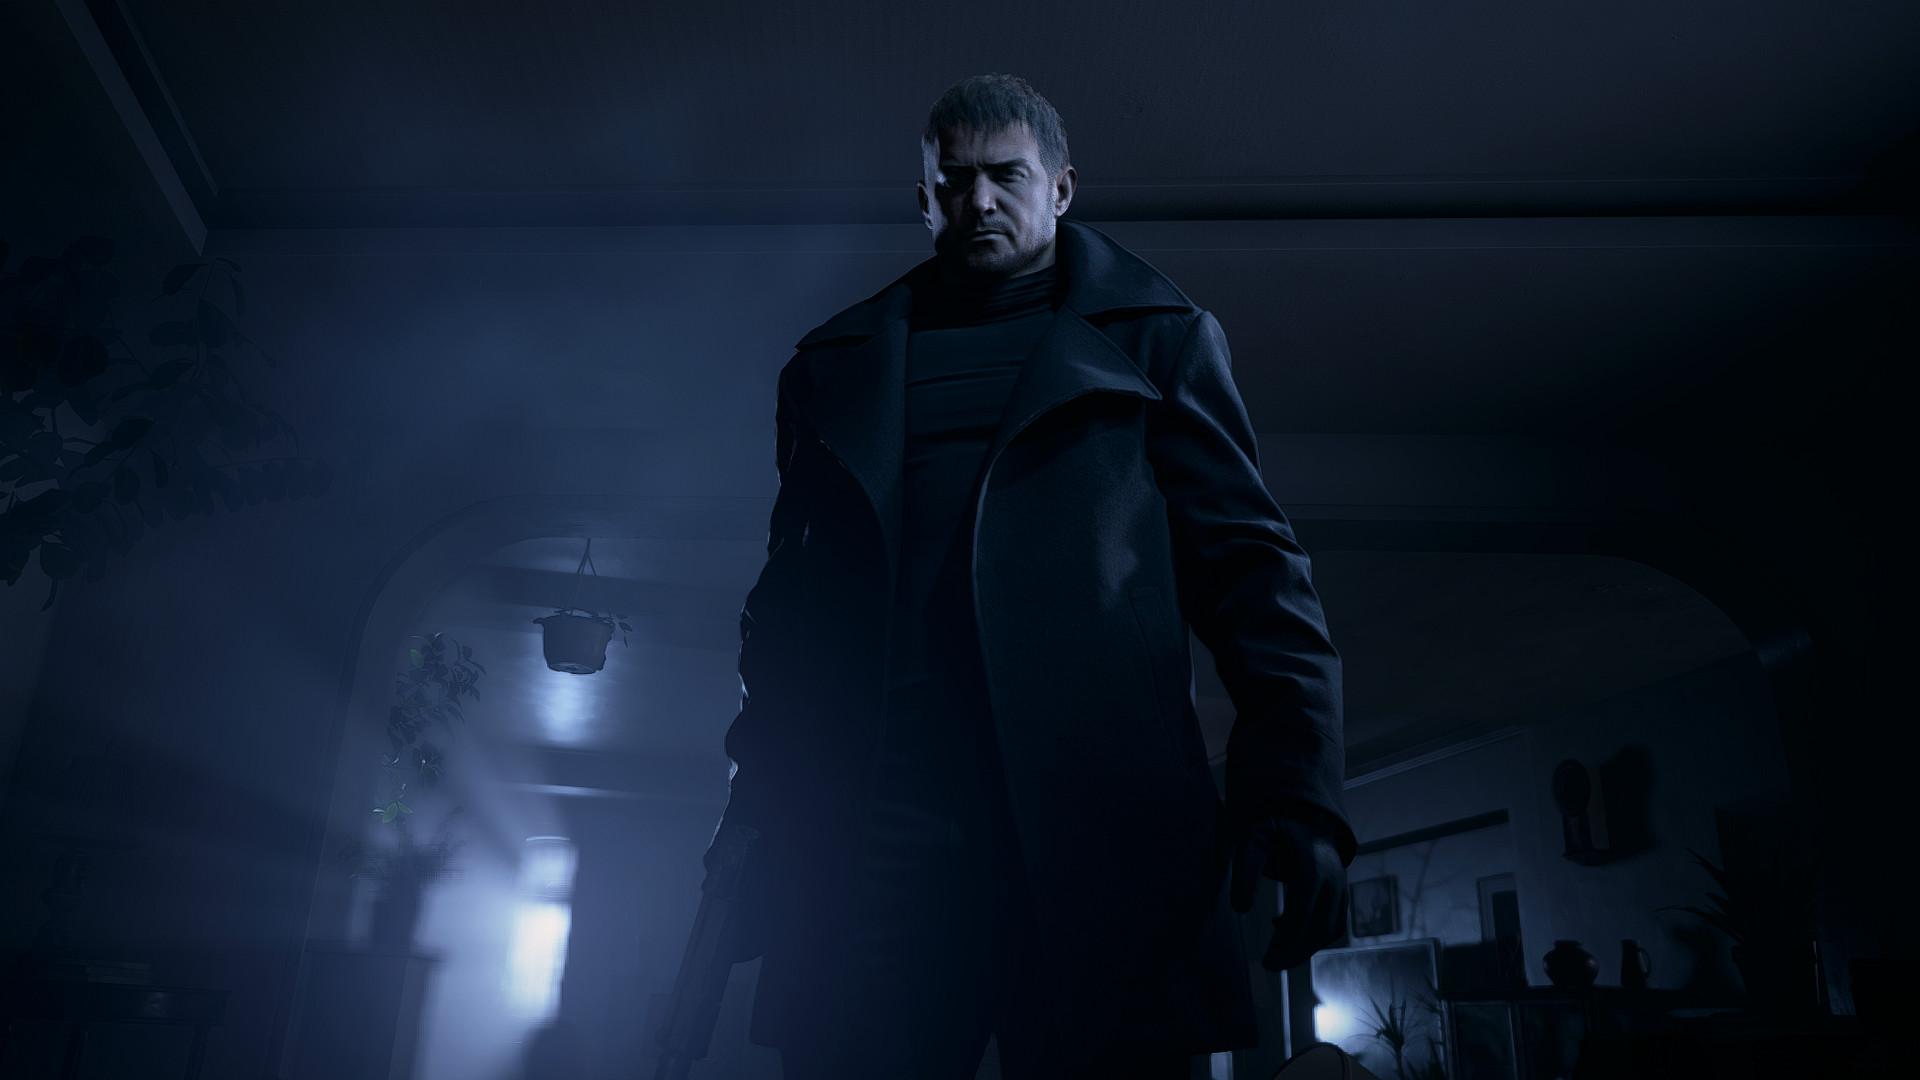 《生化危机8:村庄》试玩版解锁2天 Steam好评率达78%